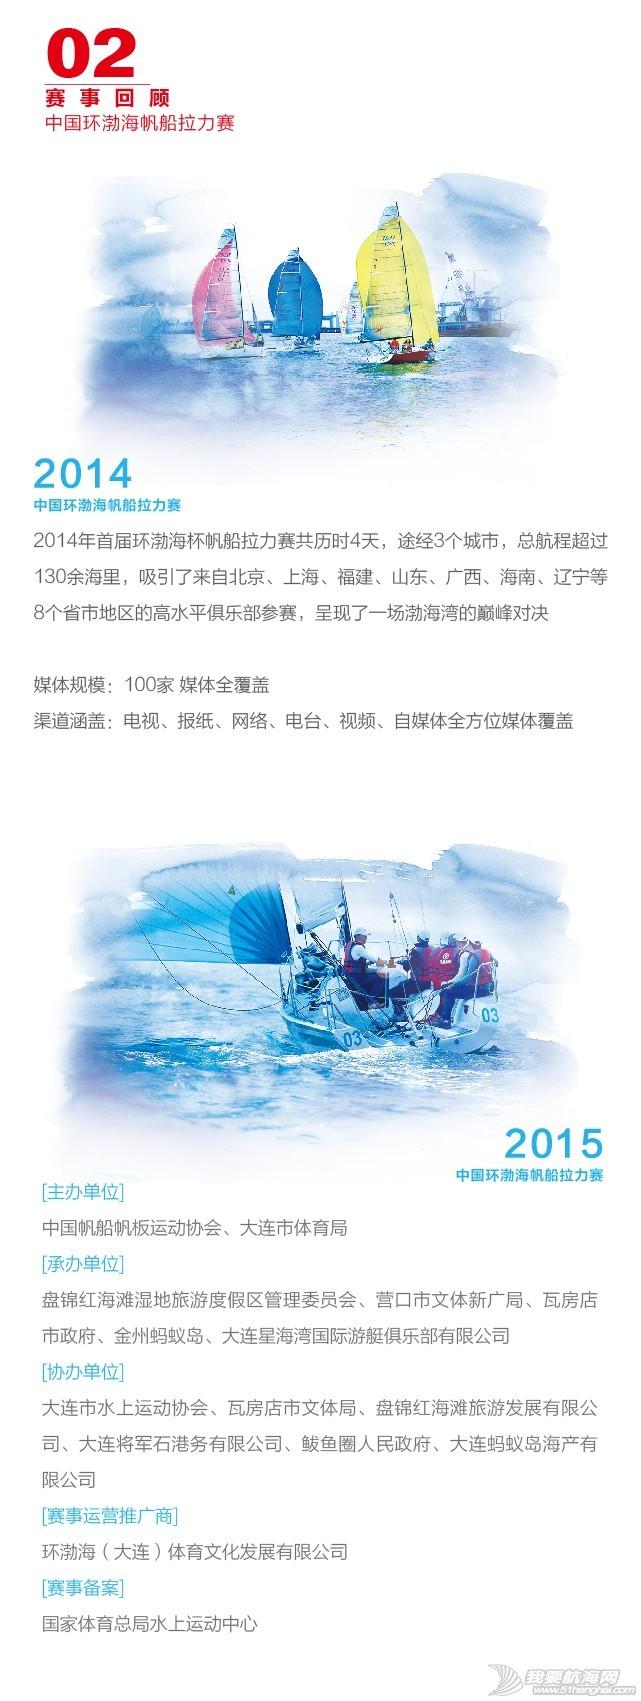 拉力赛,中国,渤海,帆船 2016中国环渤海帆船拉力赛 111431ou30v00f04xz22x2.jpg